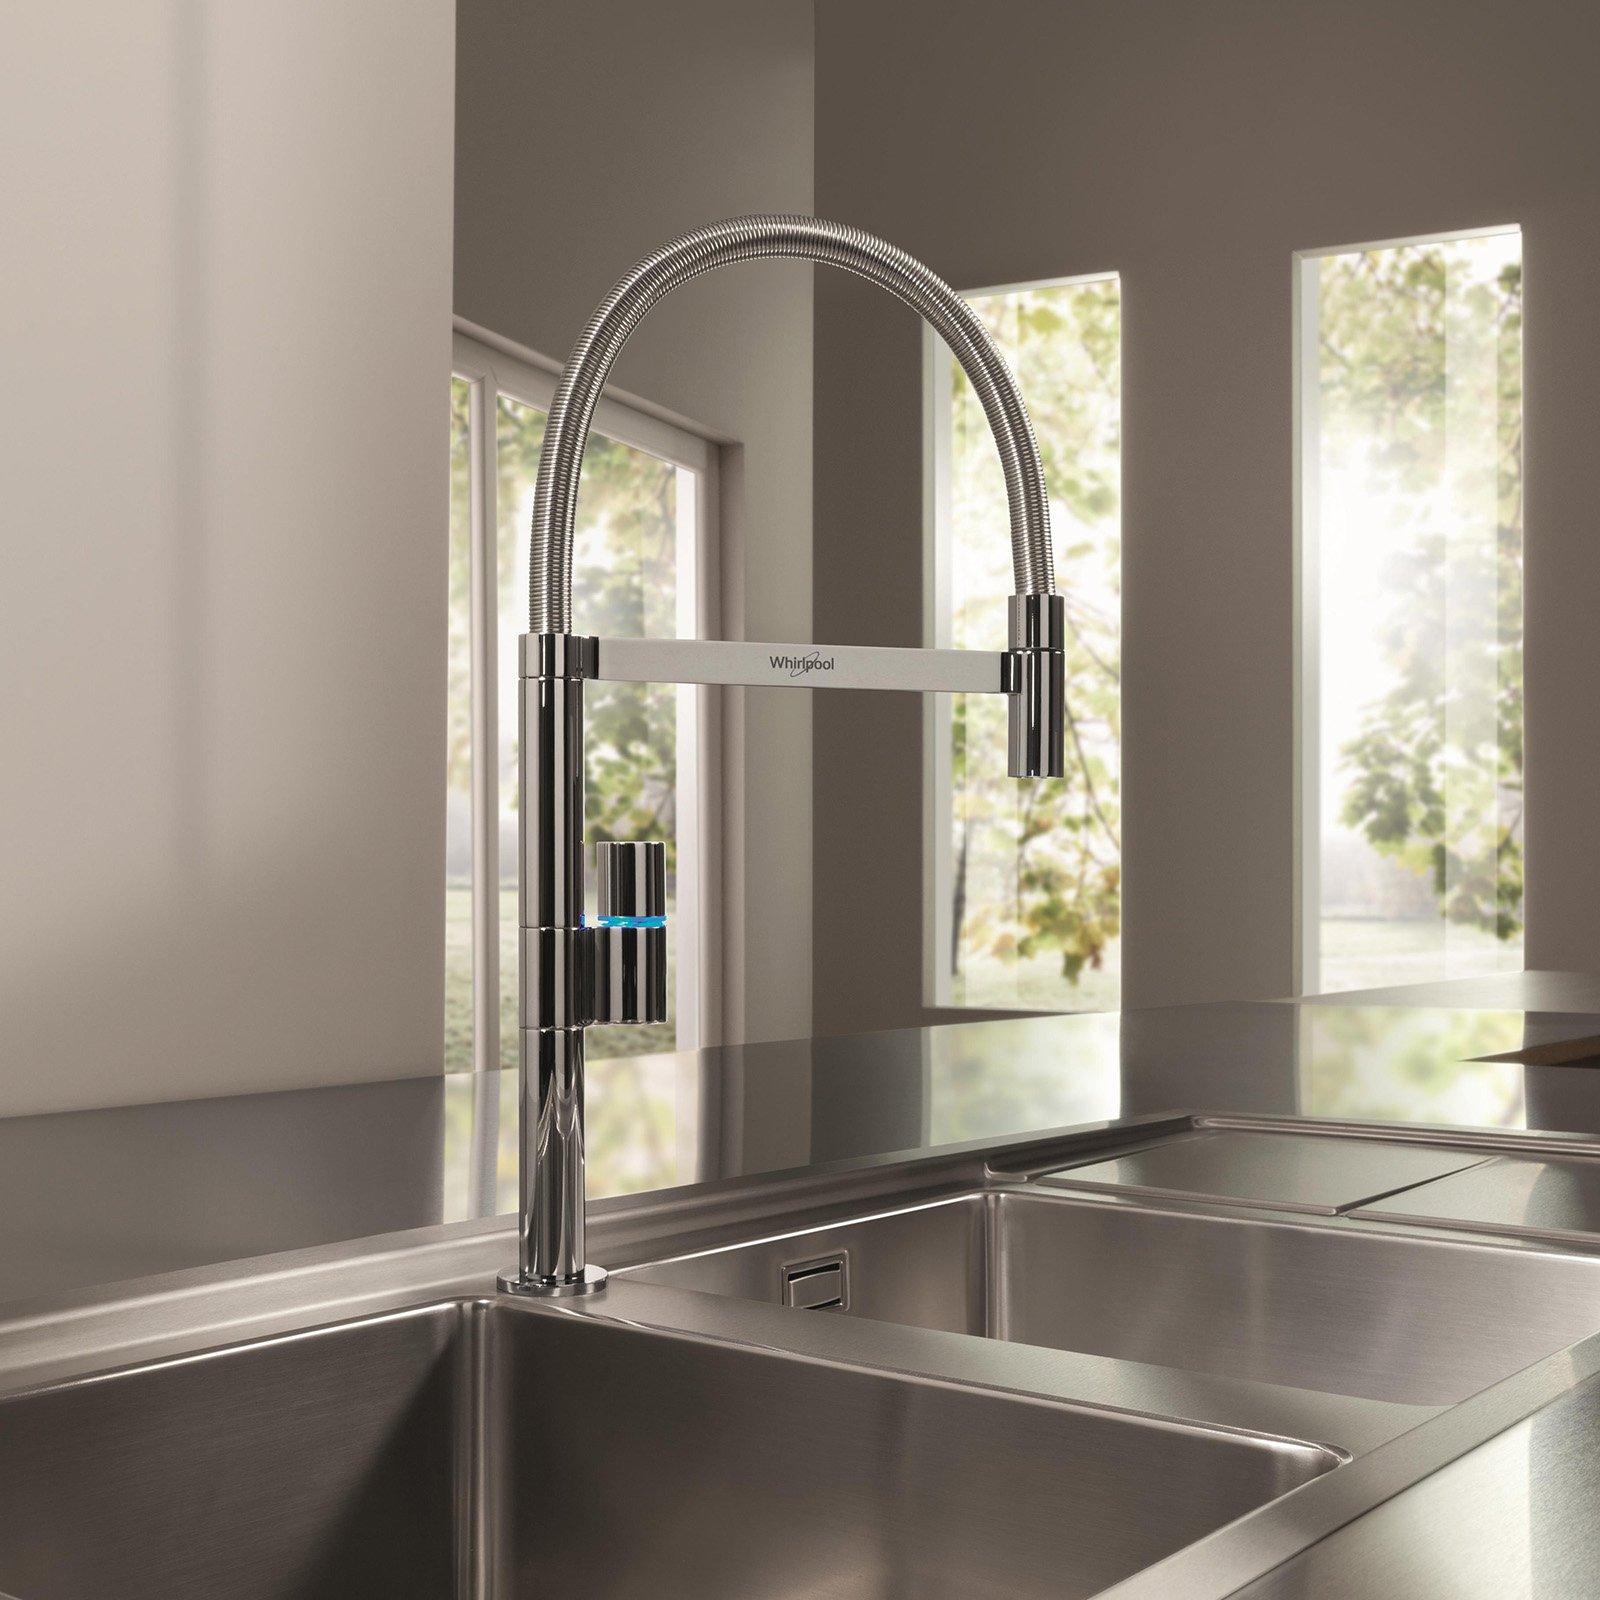 Rubinetti per la cucina i nuovi miscelatori cose di casa for Bricoman rubinetti cucina